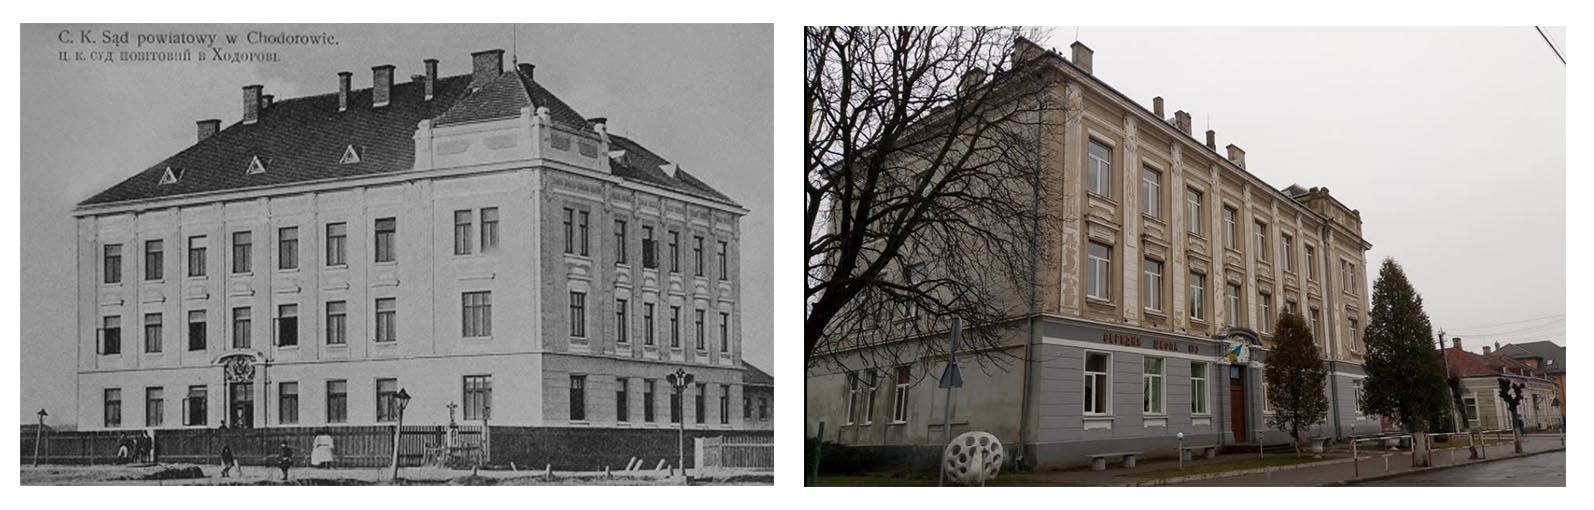 Штаб-квартира УГА у Ходорові (нині - СШ №3). Фото австрійських з часів і сучасний стан